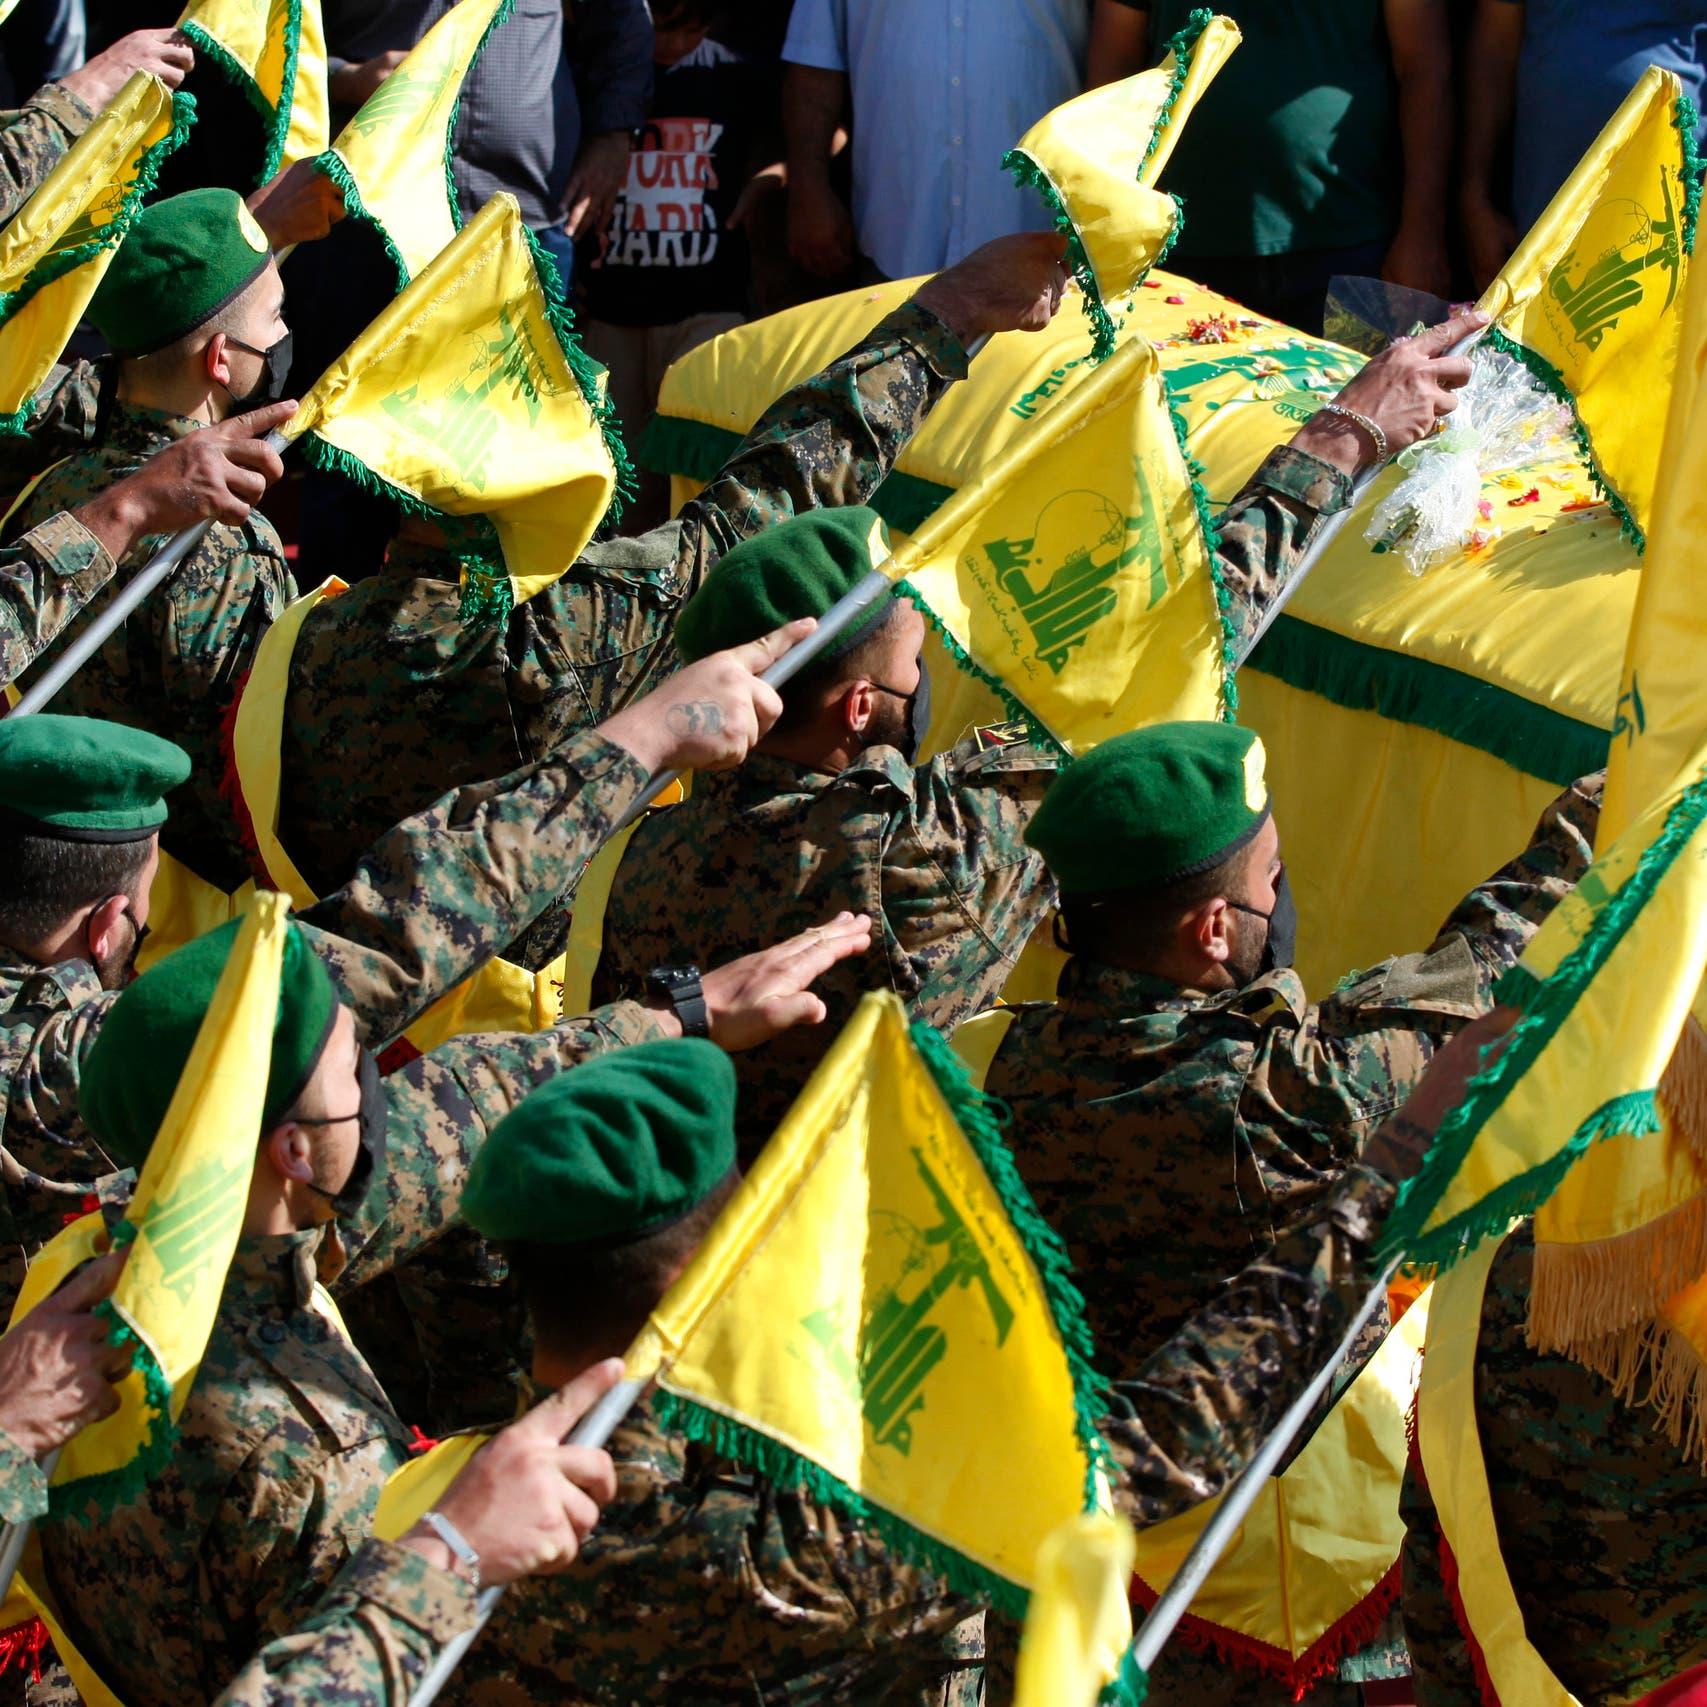 سفينة حزب الله تفجر زوبعة قبل وصولها.. أوقفوا السرقة أولاً